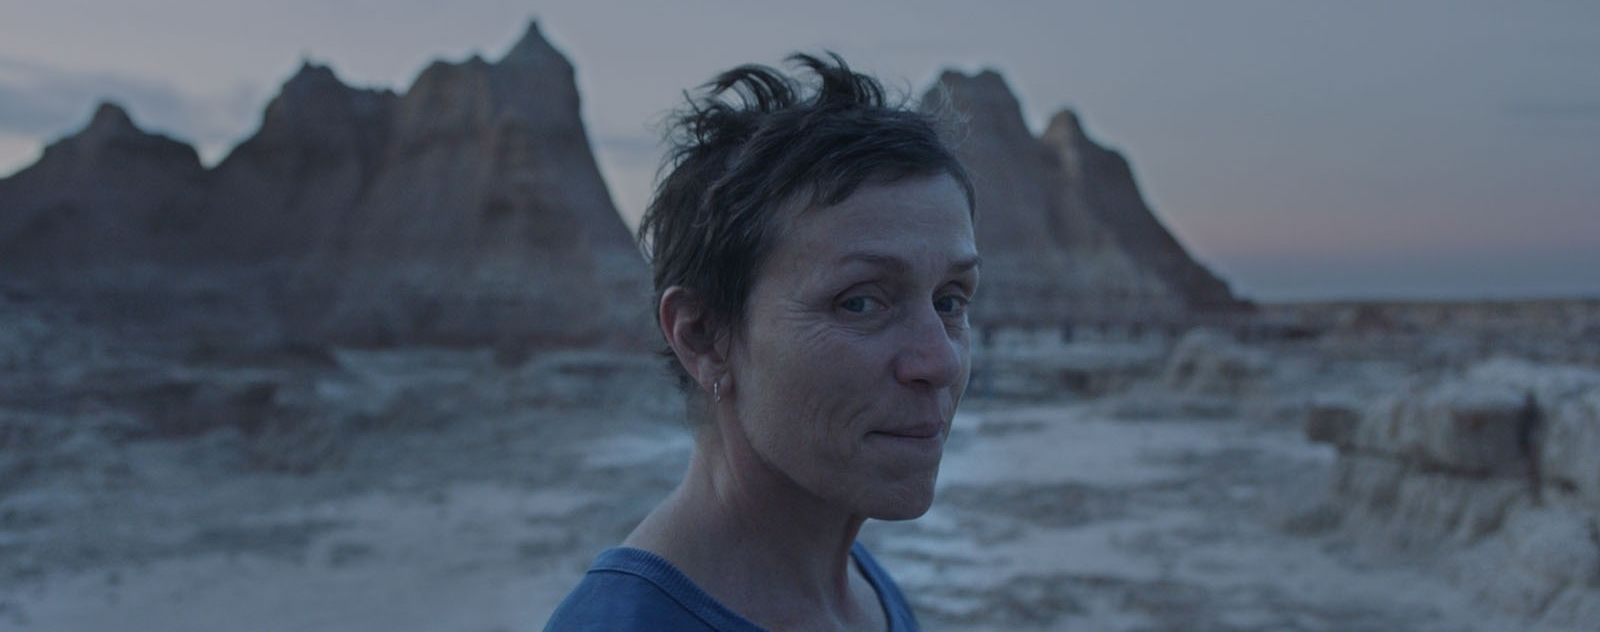 Nomadland : le film de Chloé Zhao censuré en Chine après une nouvelle polémique ? - ÉcranLarge.com